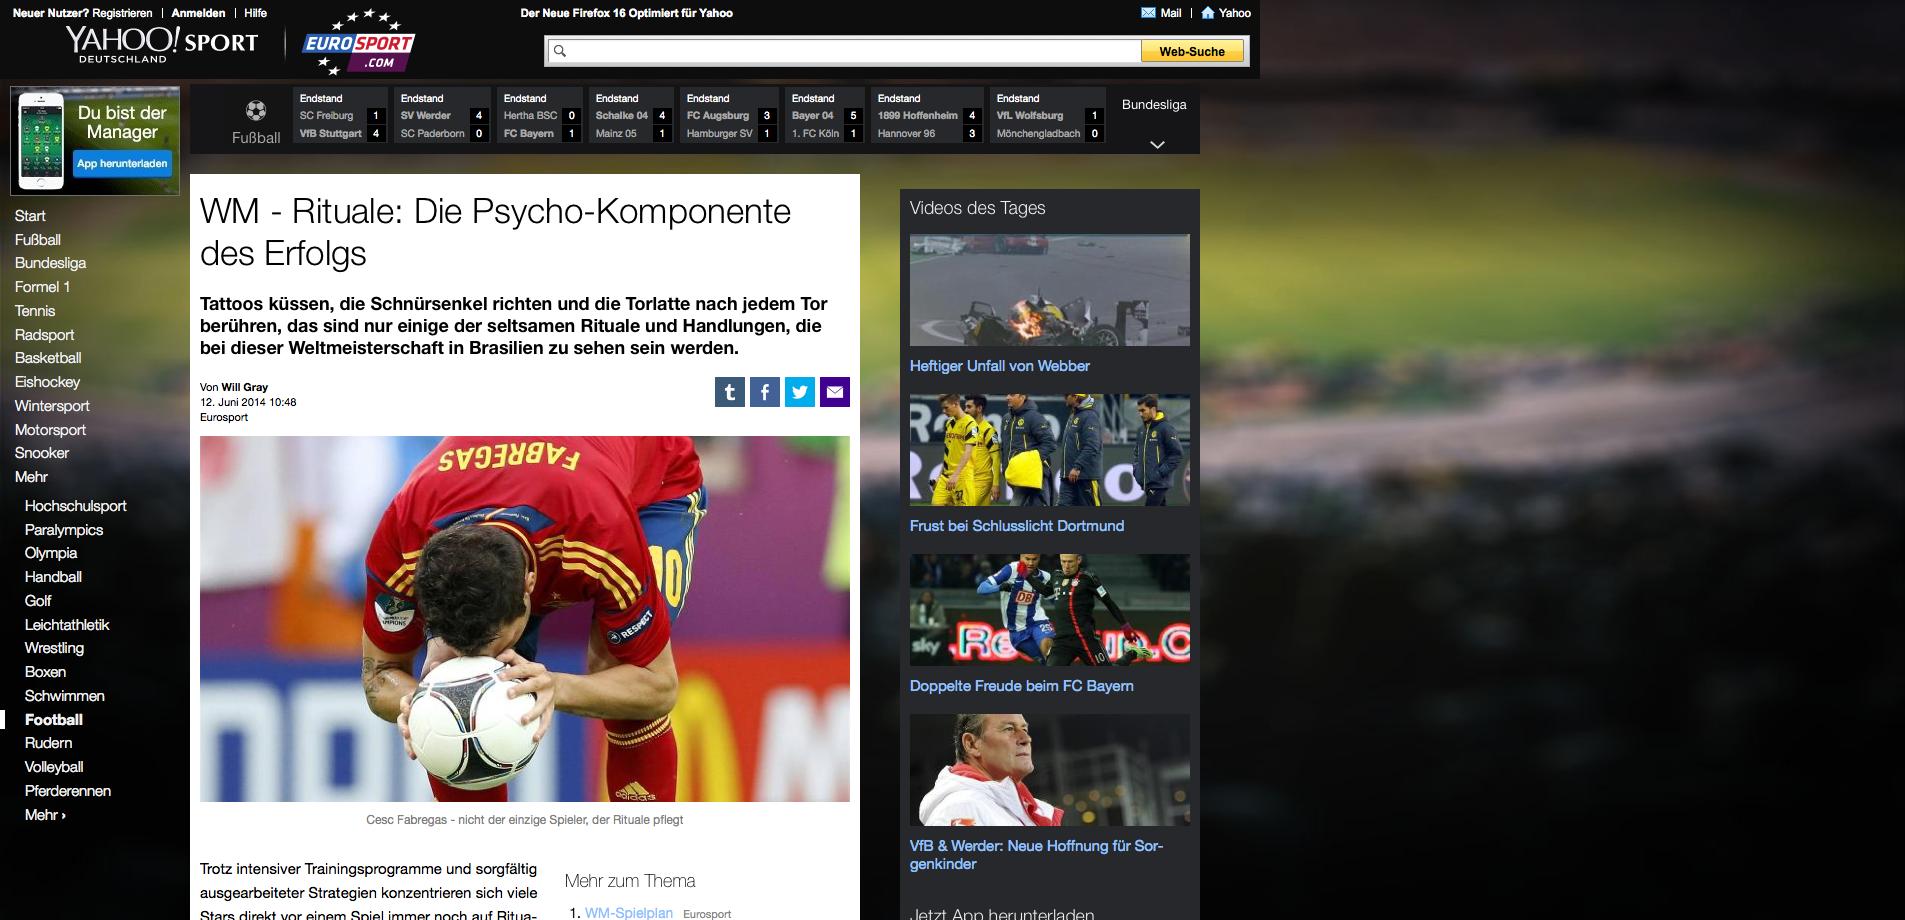 Rituale: Die Psycho-Komponente des Erfolgs' auf Yahoo Eurosport lesen